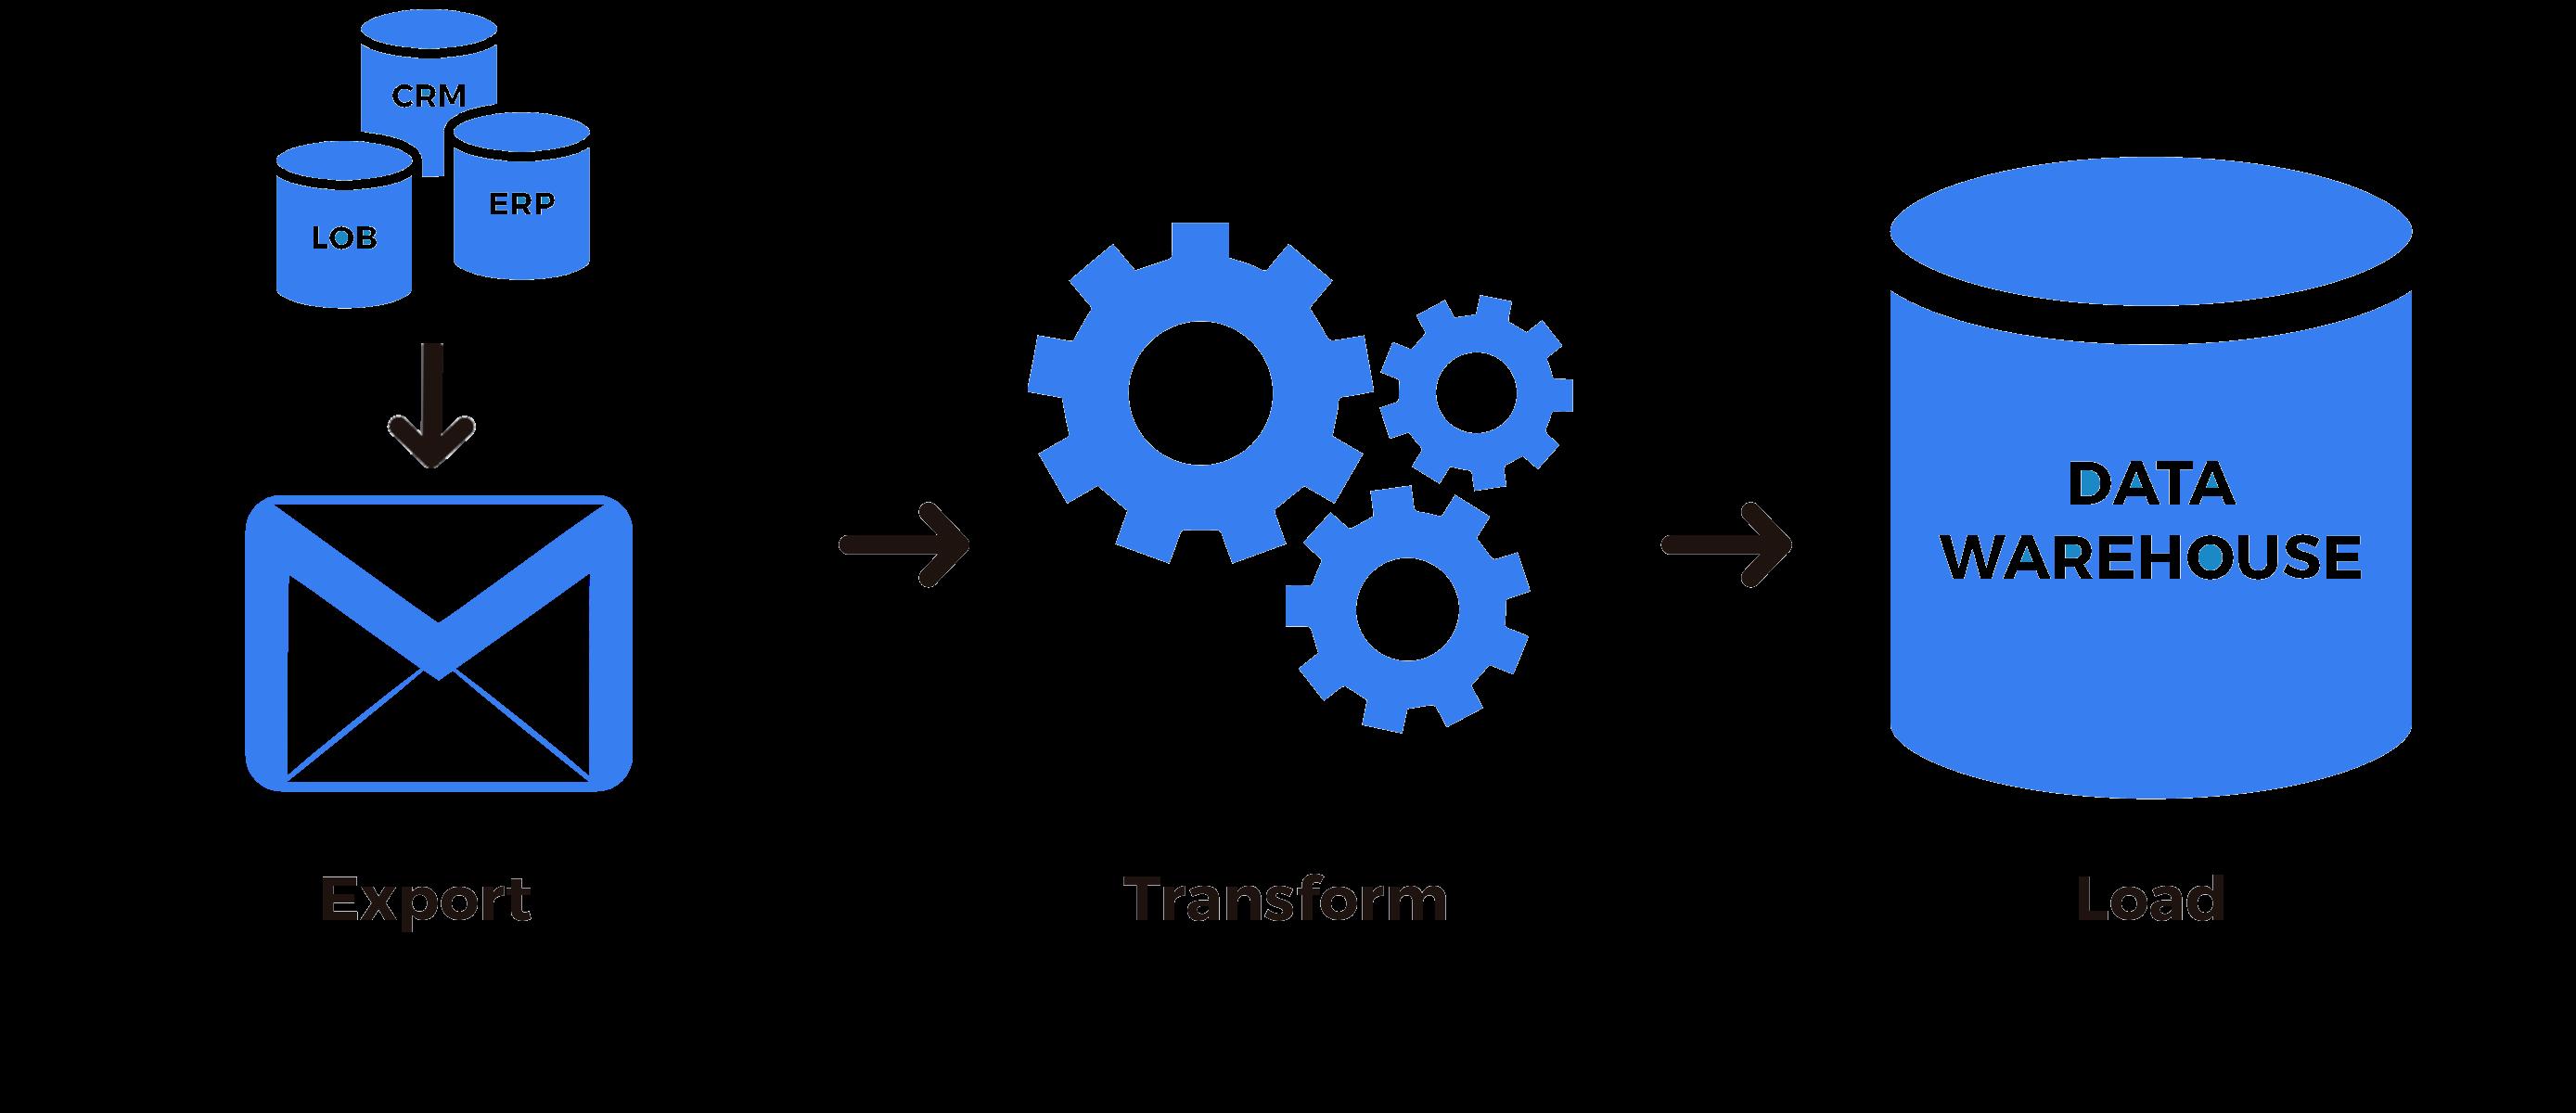 ETL процесс получения данных из электронной почты в Apache Airflow - 1